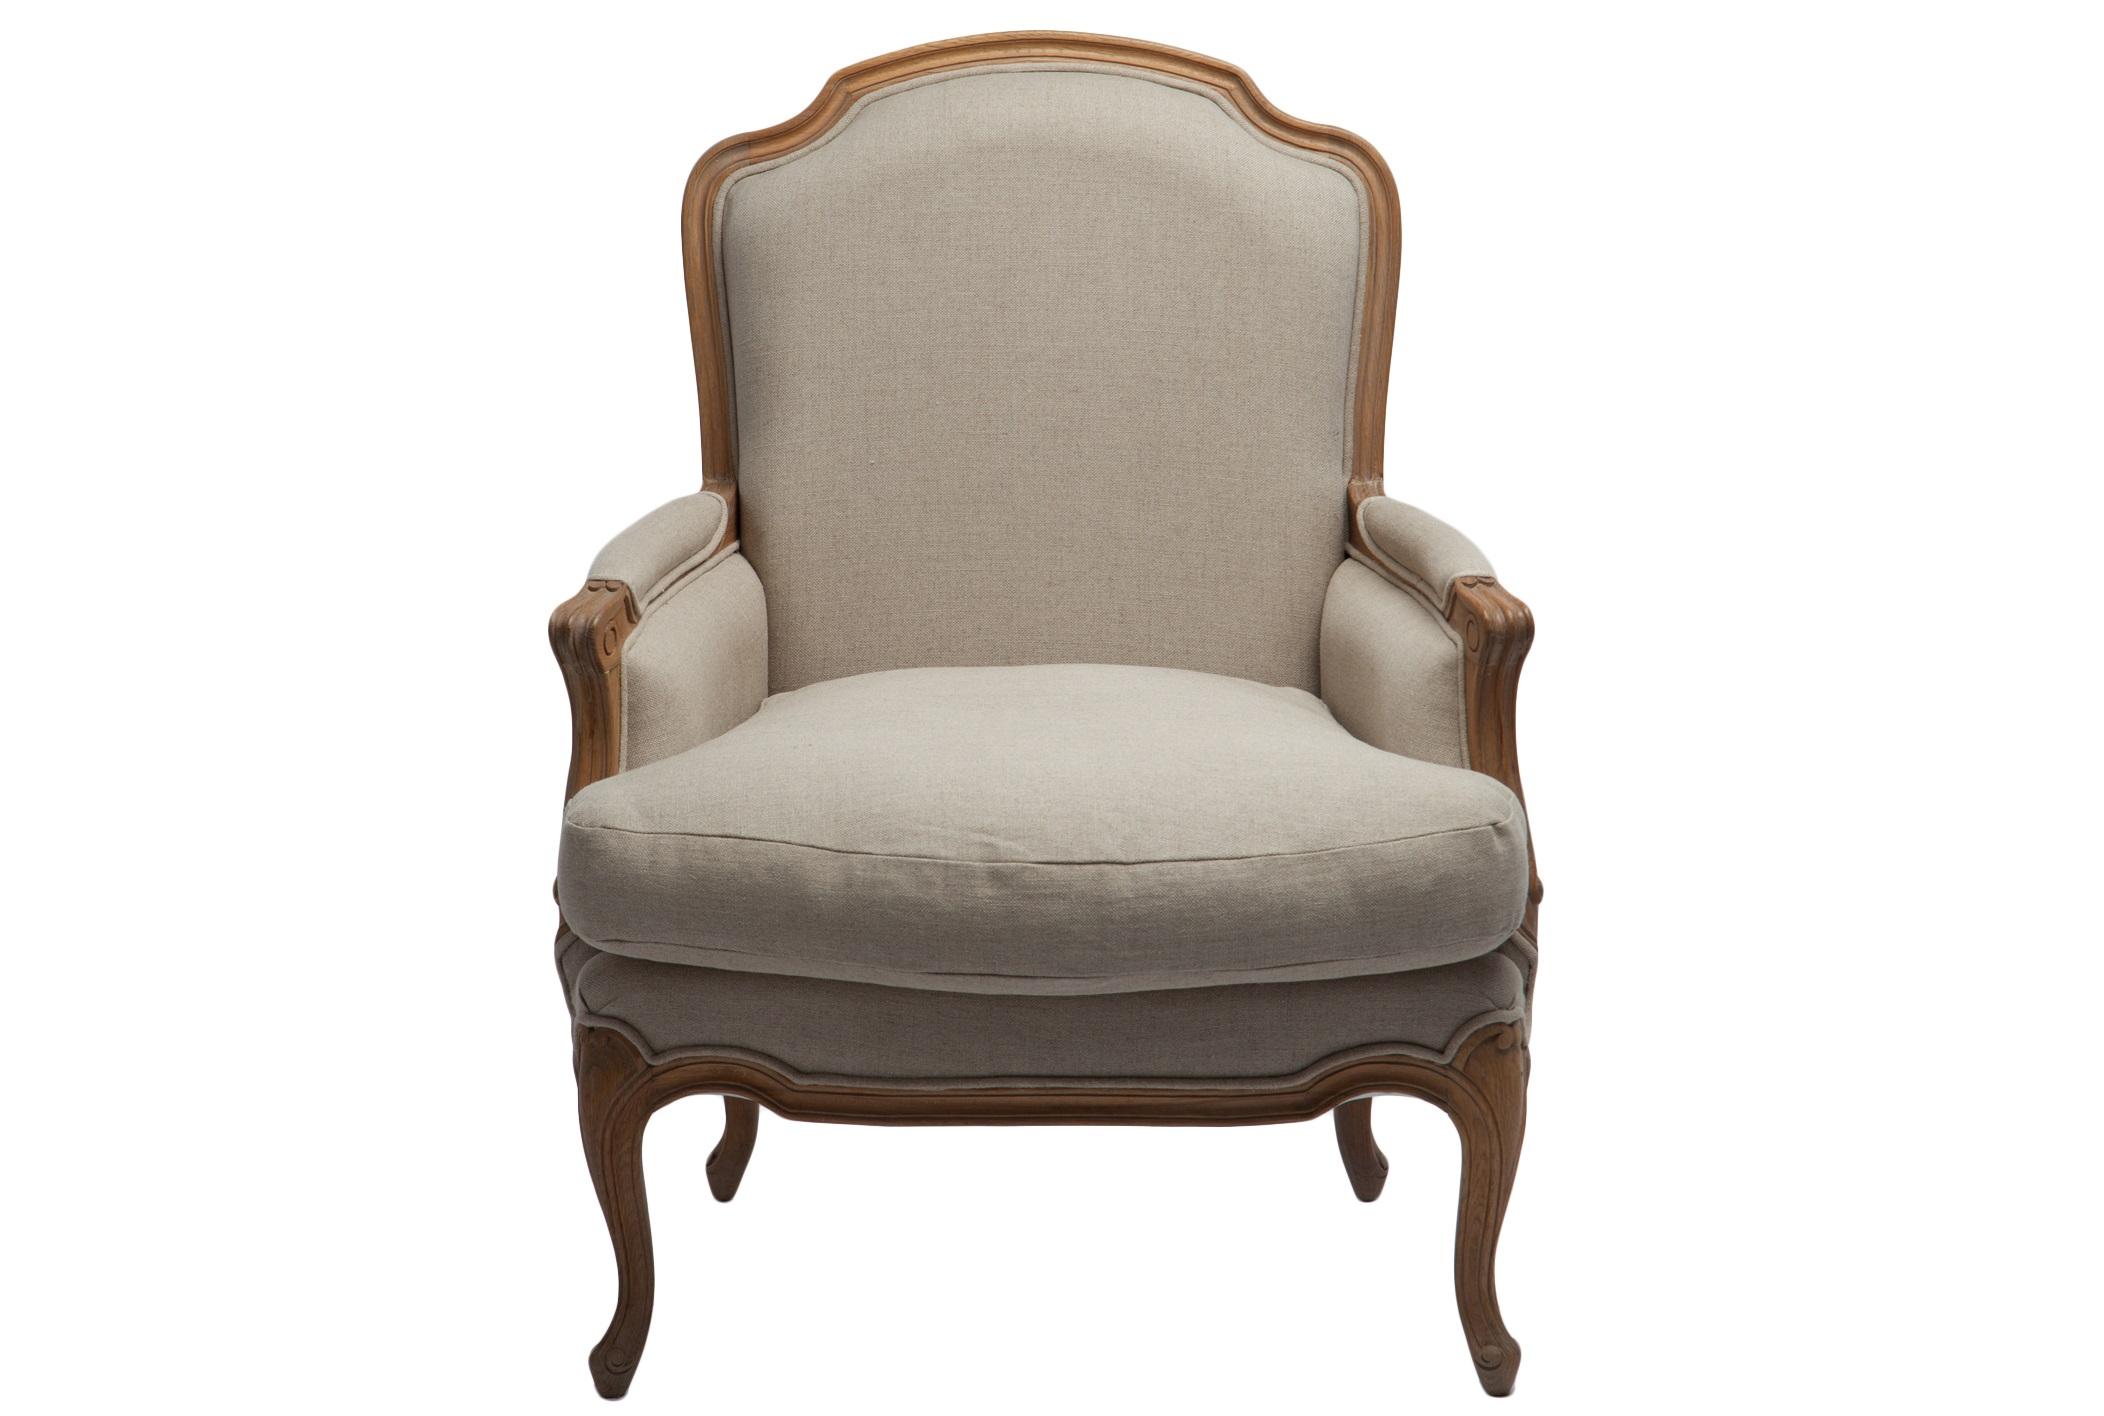 КреслоИнтерьерные кресла<br>Кресло дубовое в классическом стиле.<br><br>Material: Текстиль<br>Width см: 80<br>Depth см: 74<br>Height см: 95